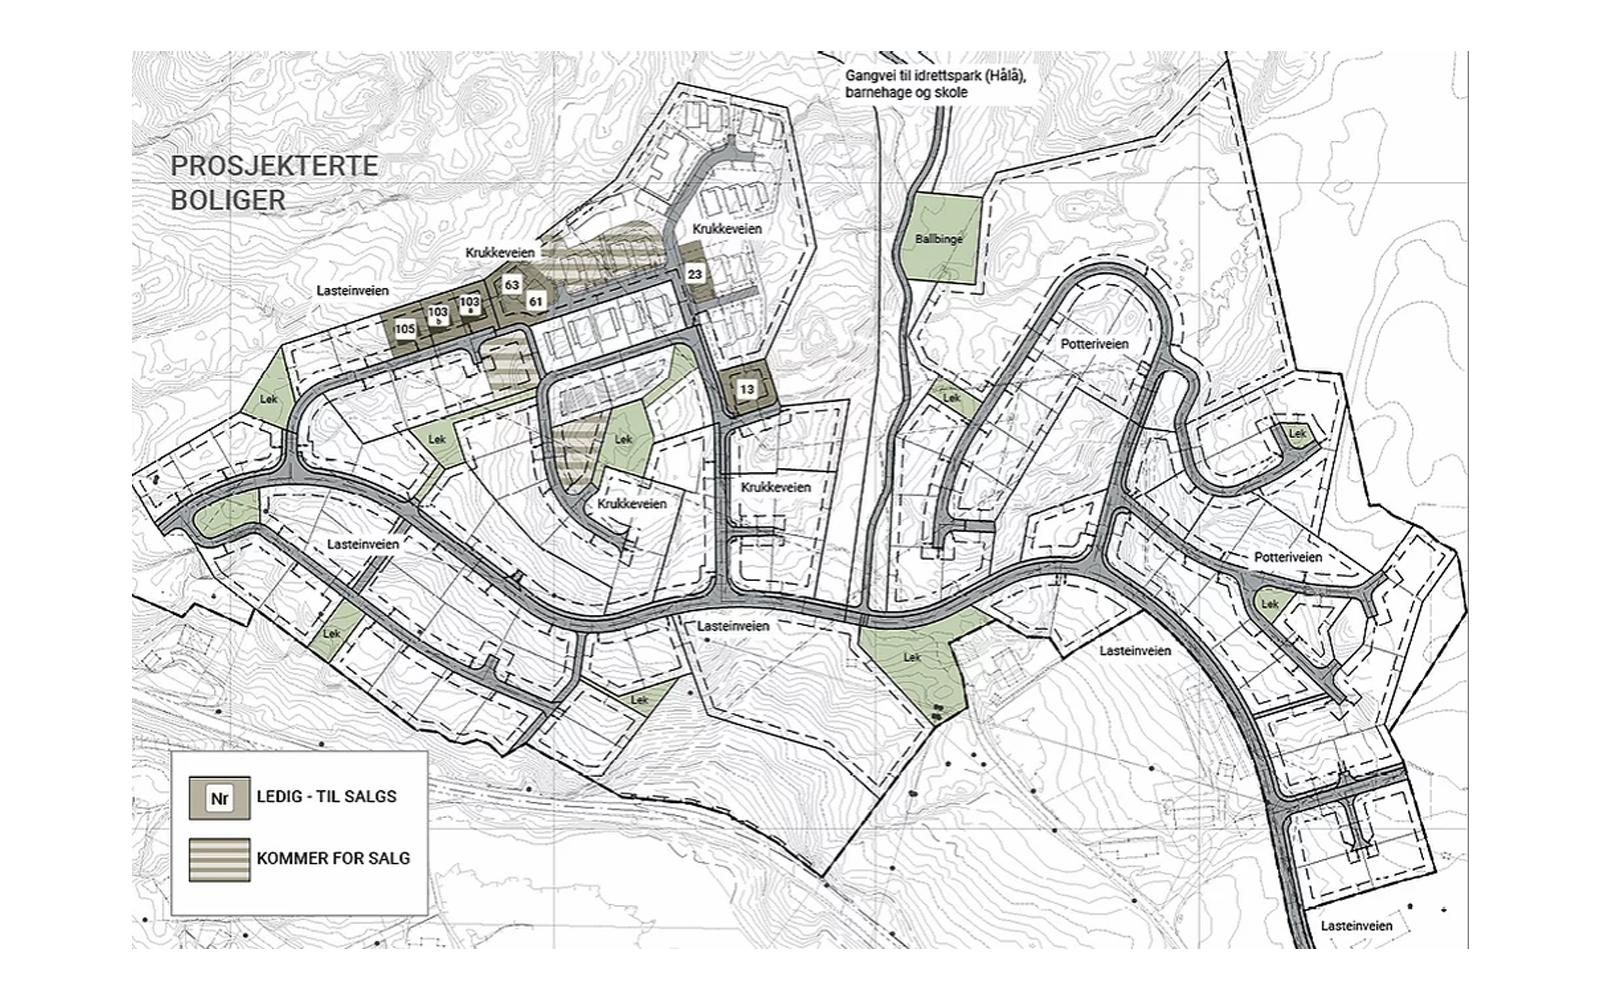 Leidlandshagen – prosjekterte boliger